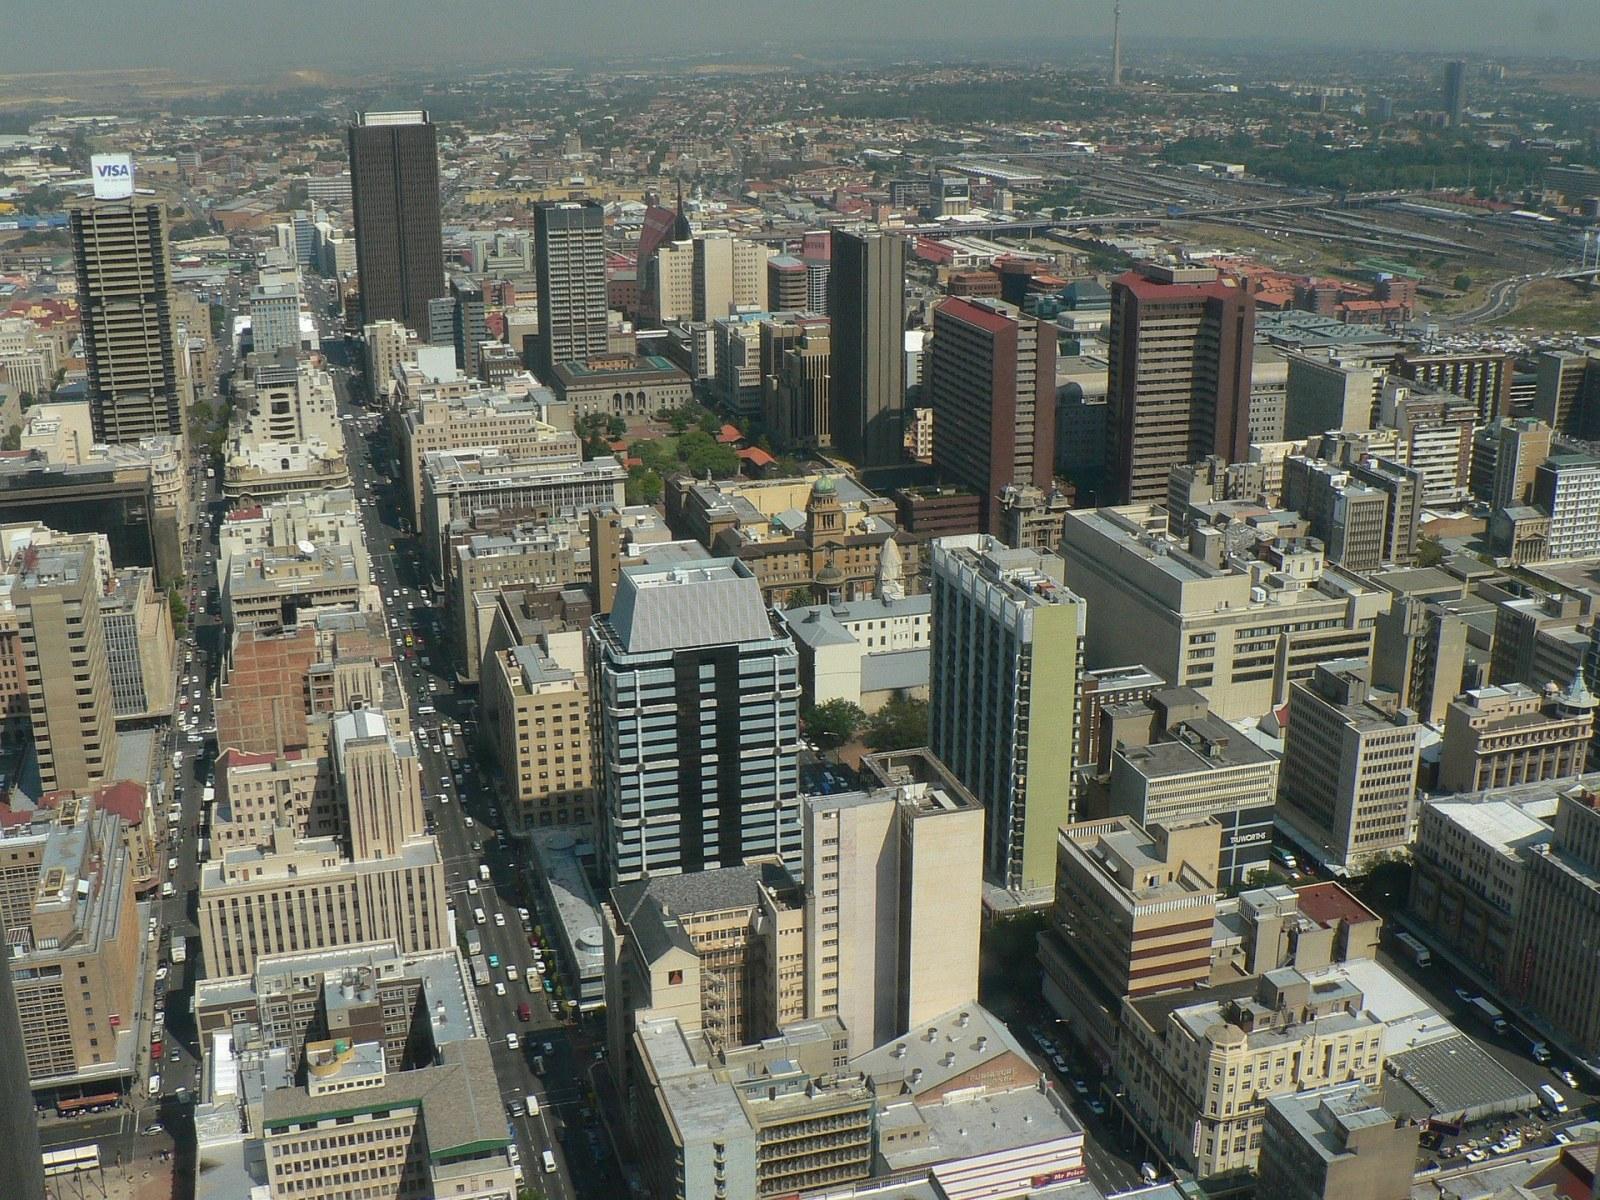 Johannesburg, Africa, Pixabay.com